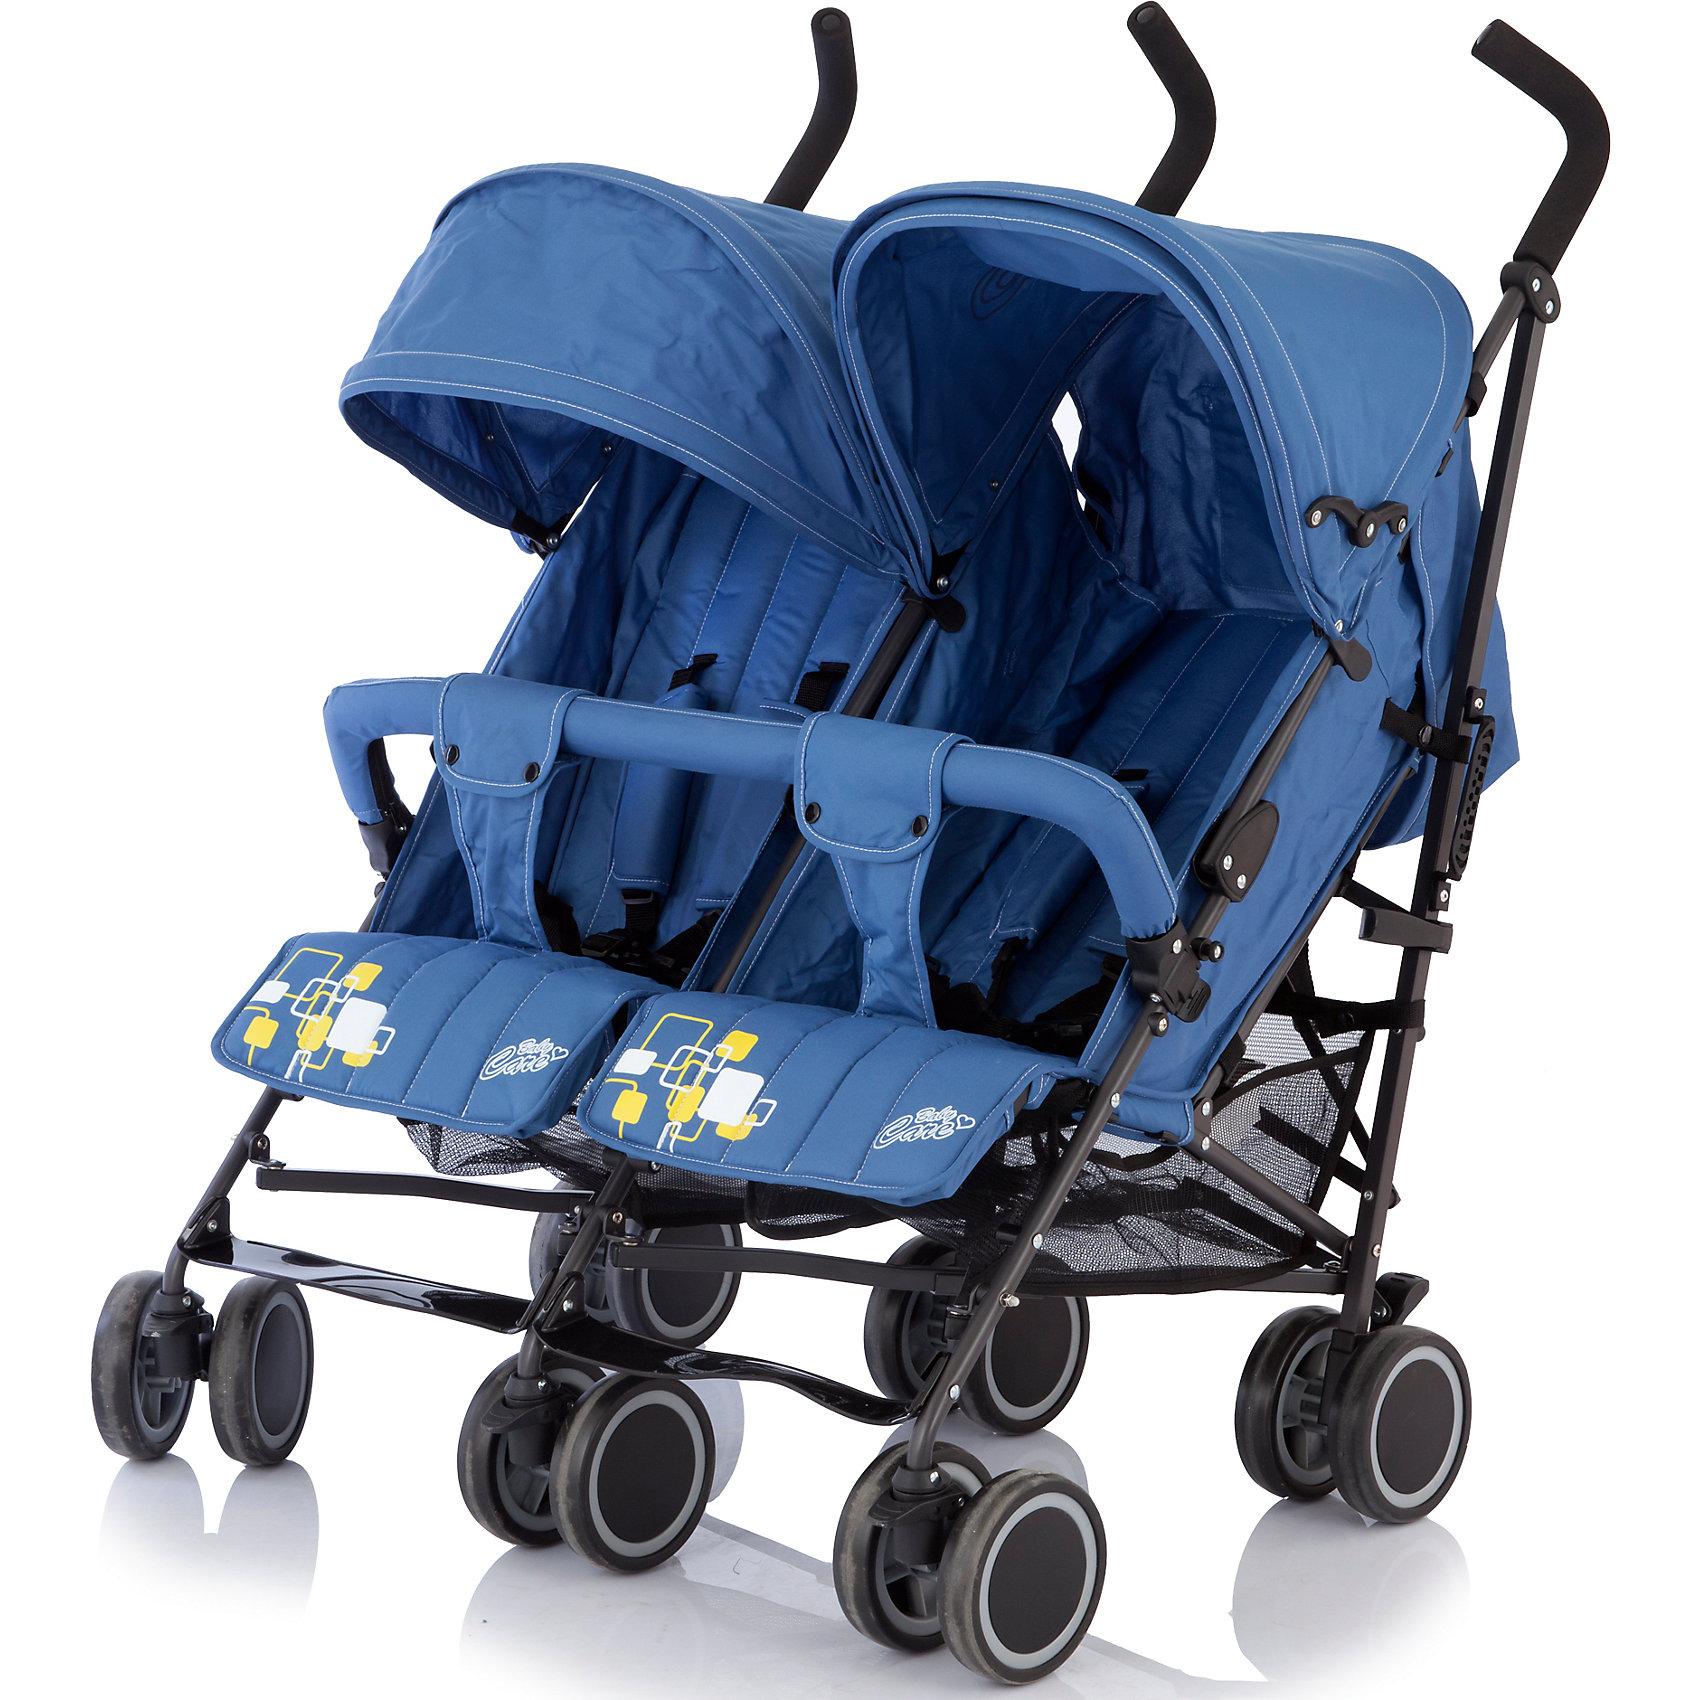 Коляска-трость для двойни Citi Twin, Baby Care, синийBaby Care Citi Twin – сверхлегкая коляска-трость для двойни. Идеальный вариант для путешествий или летних городских прогулок.  Данная модель вобрала в себя весь необходимый функционал трости Baby Care City Style и значительно улучшила его. Рама установлена на шести парах сдвоенных колес, что делает ее максимально маневренной и устойчивой на любой поверхности. Спинки, подножки и глубокие козырьки на обоих сиденьях регулируются независимо друг от друга. Есть возможность получить два почти горизонтальных спальных места (до 170 градусов), для комфортного отдыха малышей. Бампер, как и чехол на ножки – один на двоих. Коляска легко и компактно складывается, имеет удобную ручку для переноски, занимает мало места при хранении и транспортировке.<br><br>Дополнительная информация:<br><br>- Для двойни.<br>- Расположение блоков: рядом.<br>- Механизм складывания: трость.<br>- Комплектация: коляска, чехол на ножки, дождевик.<br>- Материал: металл, пластик, текстиль, резина.<br>- Размер колесной базы: 85 см.<br>- Длина колесной базы: 53 см<br>- Ширина сидений: 34х19 см.<br>- Размер спального места: 78х34 см.<br>- Вес: 14 кг<br>- Количество колес: 6 (сдвоенные).<br>- Диаметр колес: 15 см.<br>- Цвет: синий.<br>- Передние колеса поворотные, с возможностью блокировки.<br>- Стояночный тормоз.<br>- 5-ти точечные ремни безопасности.<br>- Съемный бампер.<br>- Регулировка спинки в 3 положениях. <br>- Регулируются независимо друг от друга: спинка, подножка, козырек.<br>- Один на двоих: бампер, чехол на ножки.<br>- Регулируемые подножки.<br>- Солнцезащитный козырек.<br>- Вместительная корзина для покупок.<br><br>Коляску-трость для двойни Citi Twin, Baby Care, синюю, можно купить в нашем магазине.<br><br>Ширина мм: 1060<br>Глубина мм: 390<br>Высота мм: 220<br>Вес г: 16000<br>Возраст от месяцев: 6<br>Возраст до месяцев: 36<br>Пол: Унисекс<br>Возраст: Детский<br>SKU: 3995830